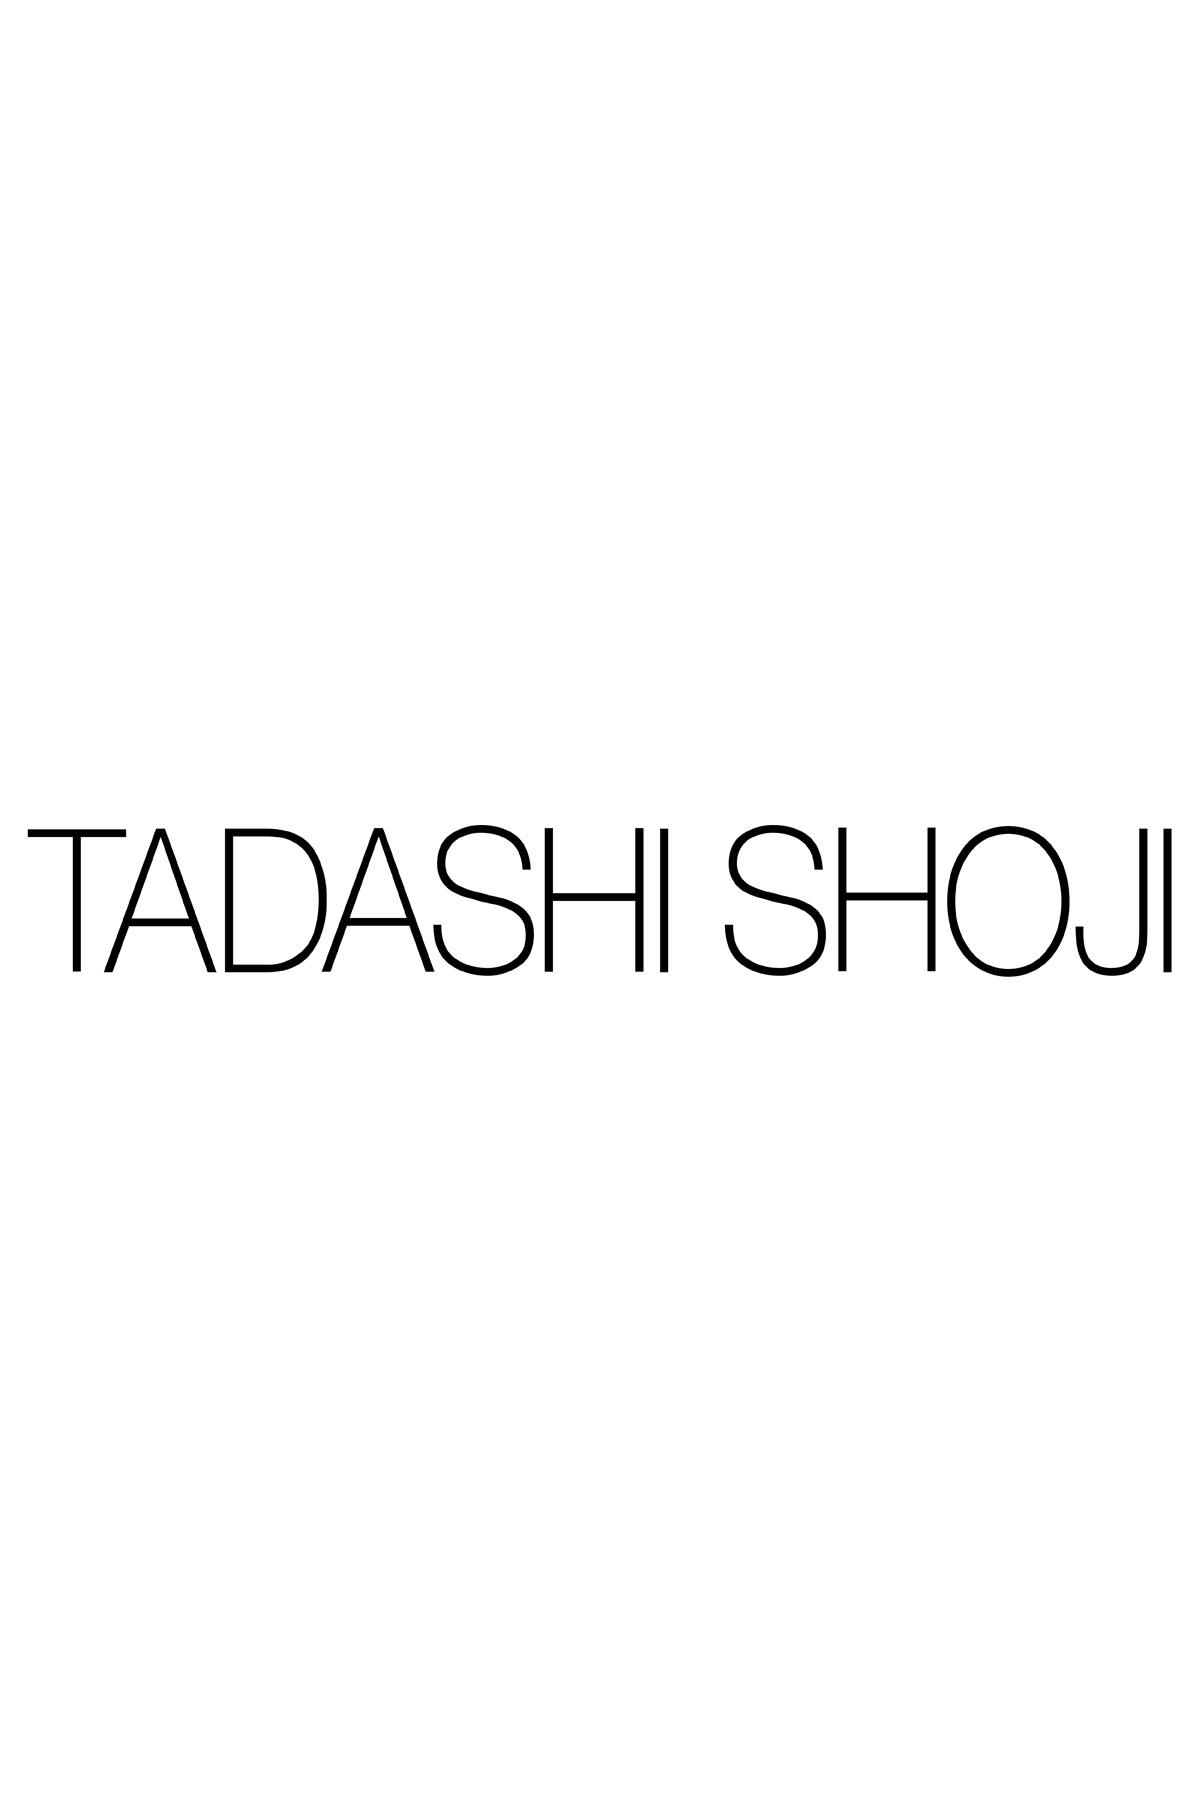 Tadashi Shoji - Parma Draped Sequin Gown - PLUS SIZE